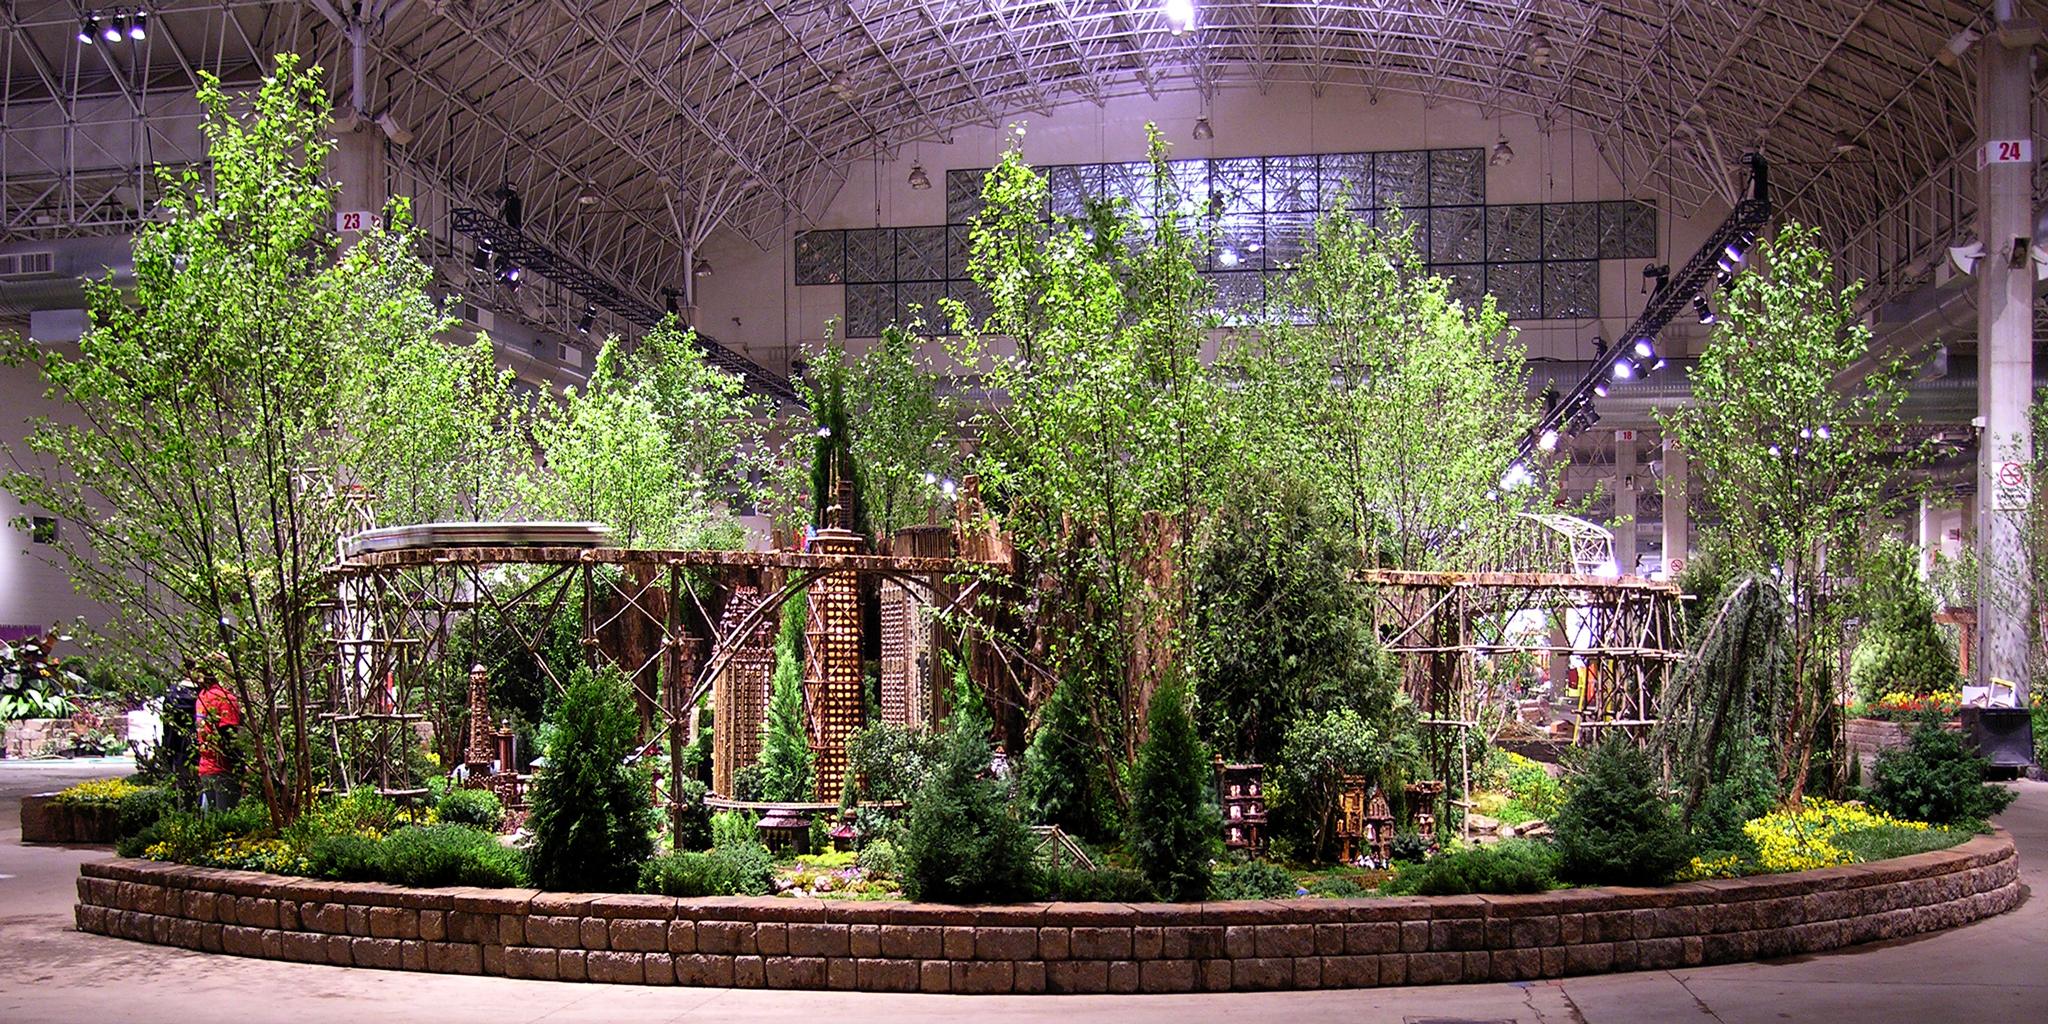 Chicago Flower Garden Show Applied Imagination Ltd